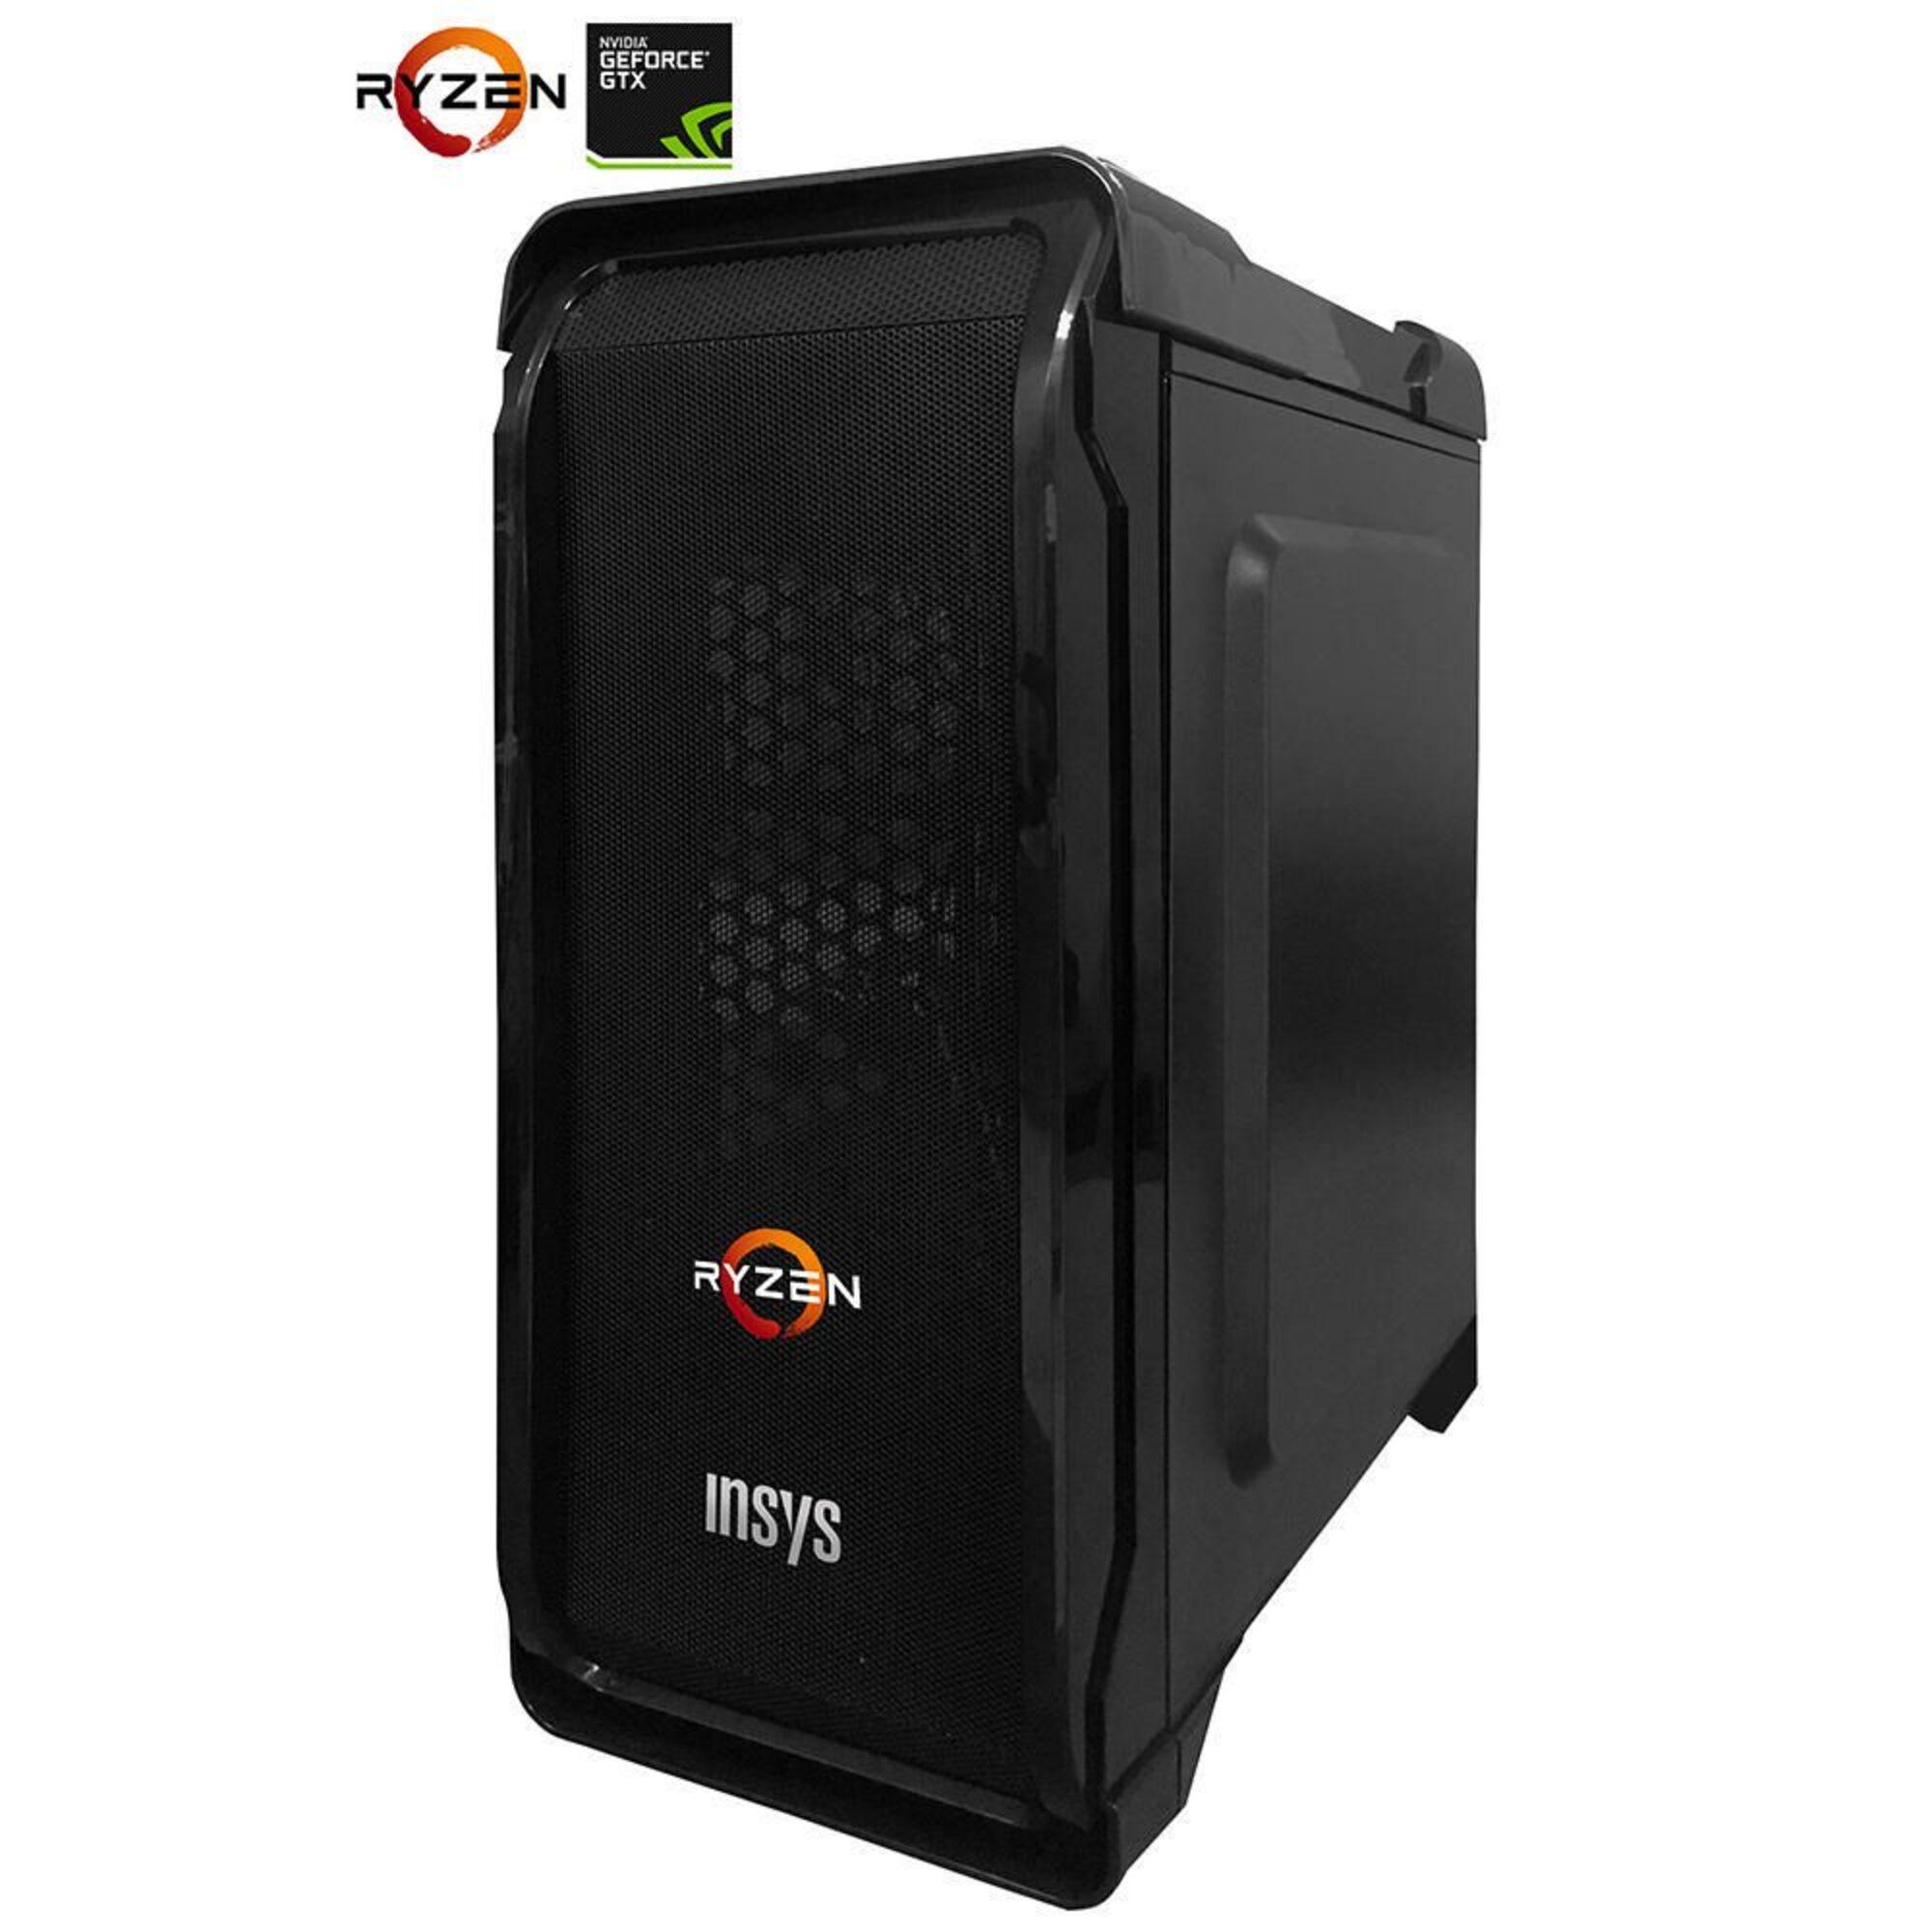 INSYS - Computador Powerpaly Ryzen 5 1400 GTX 1050TI 4GB 8GB/120GB SSD + 1TB + Win 10 - INSYS